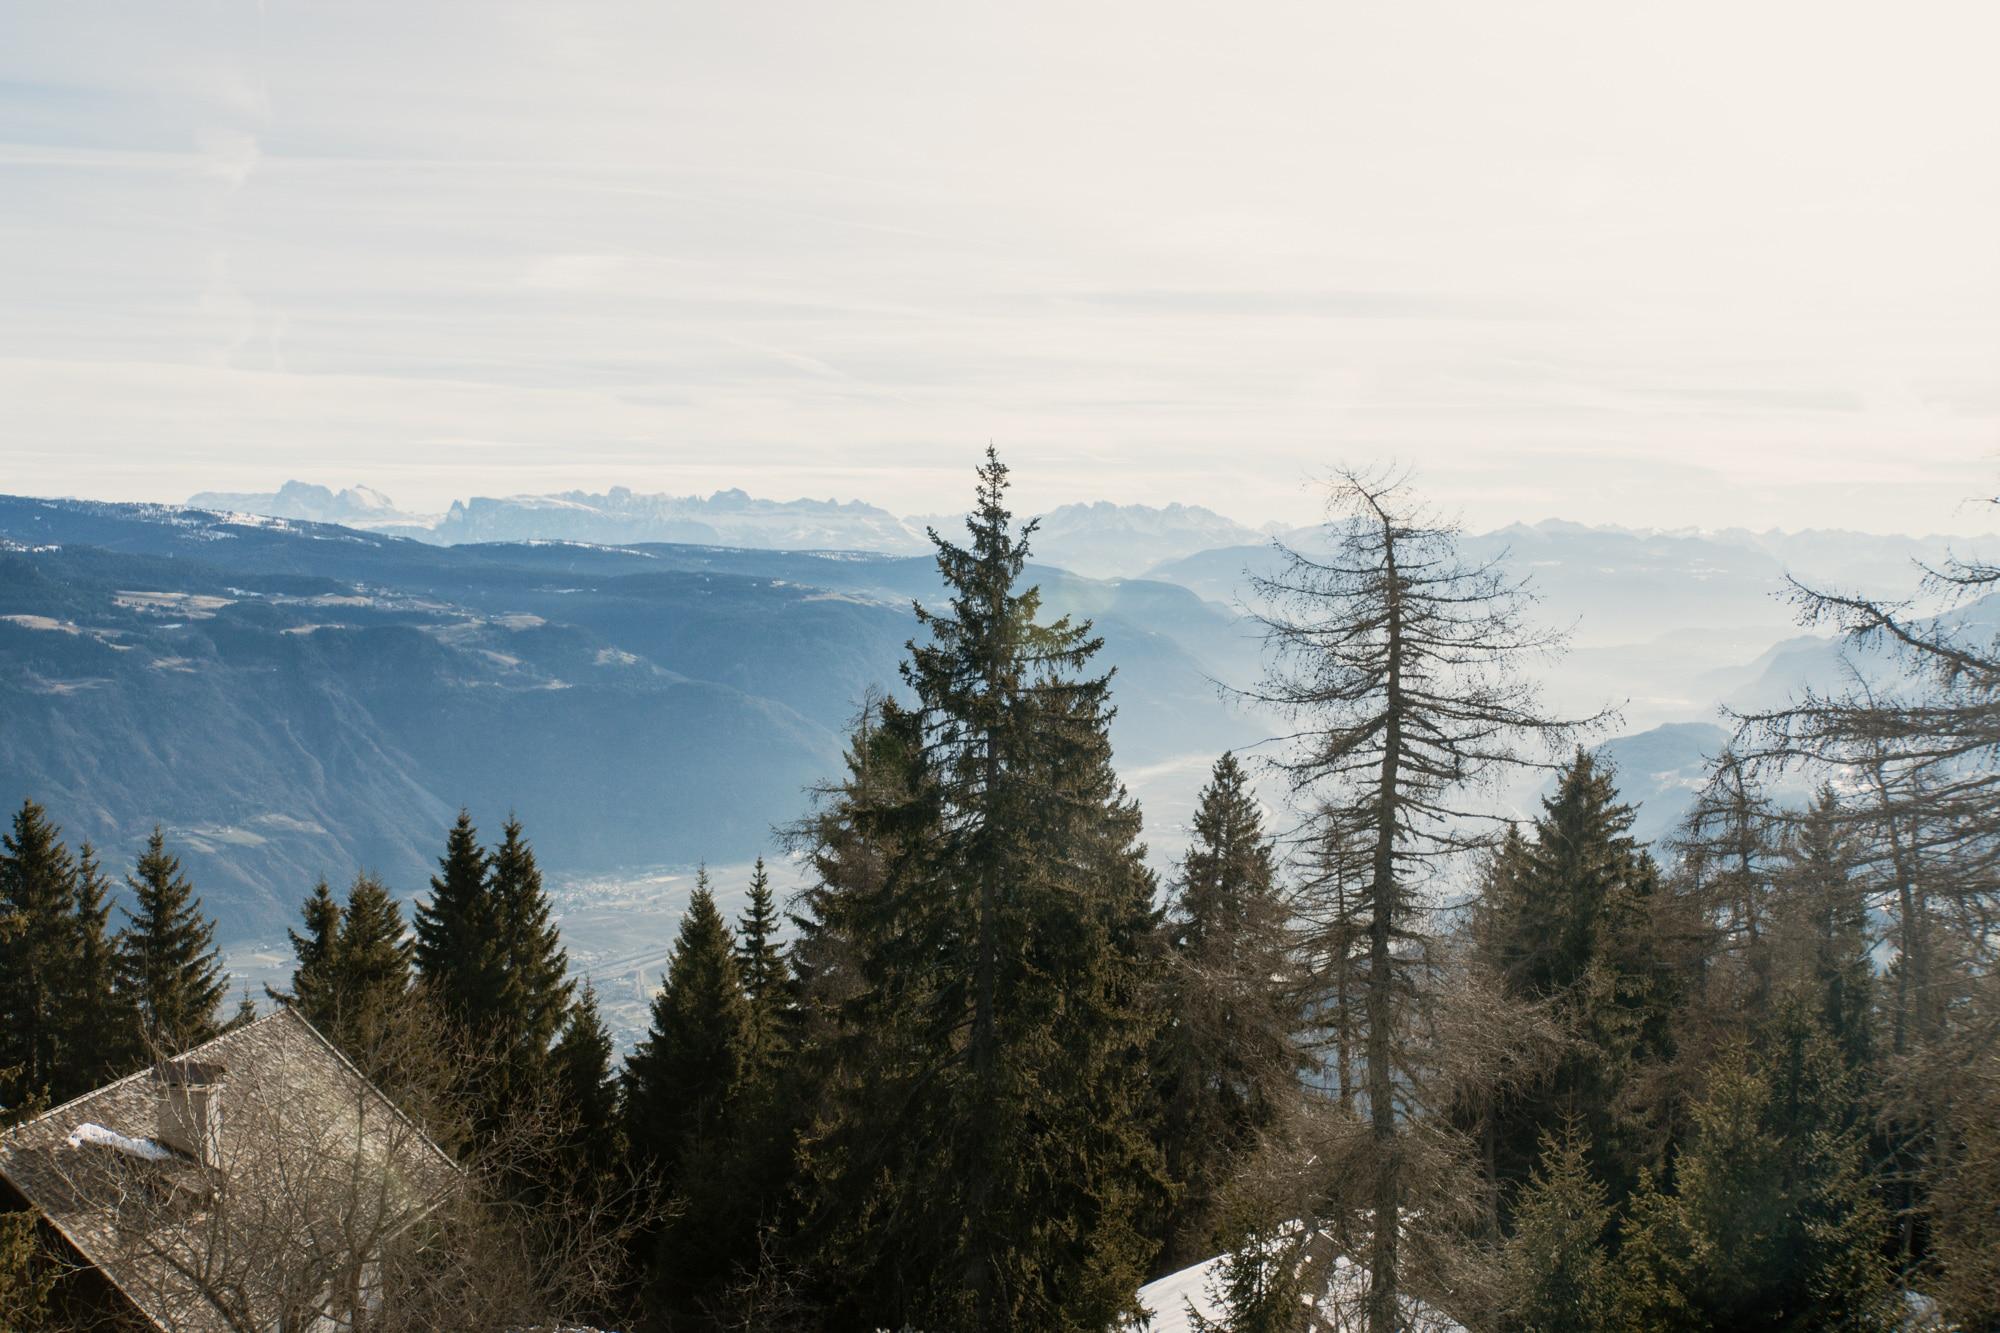 Lana, Südtirol: Winterurlaub mit Skifahren, Wellness und leckerem Essen - Wanderung zum Vigiljoch mit Ausblick